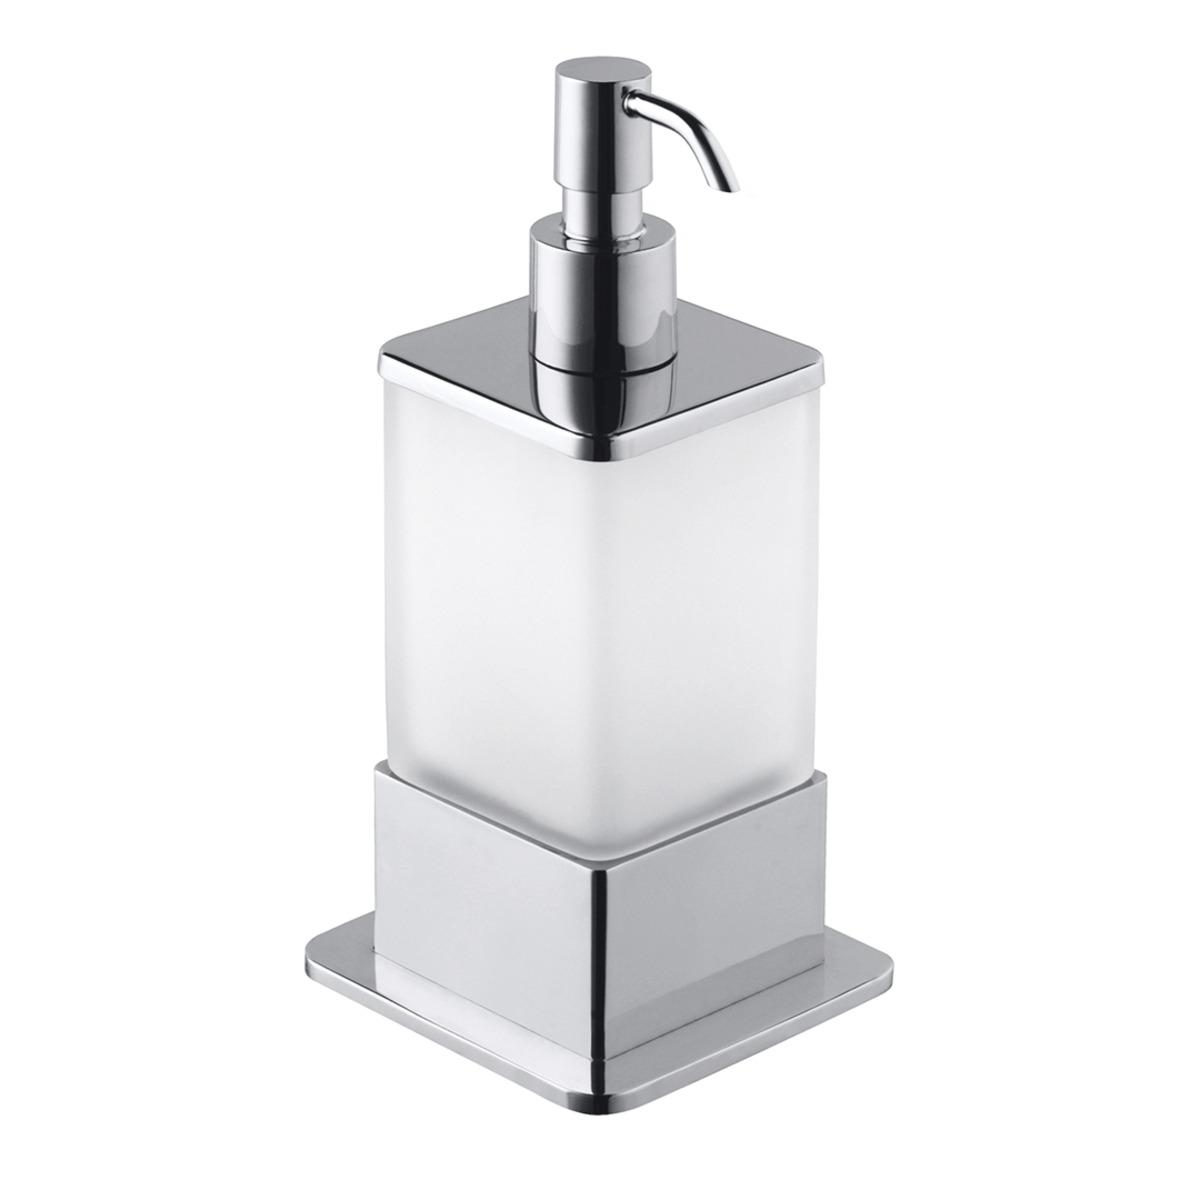 Dávkovač mýdla Bemeta PLAZA chrom 140109161